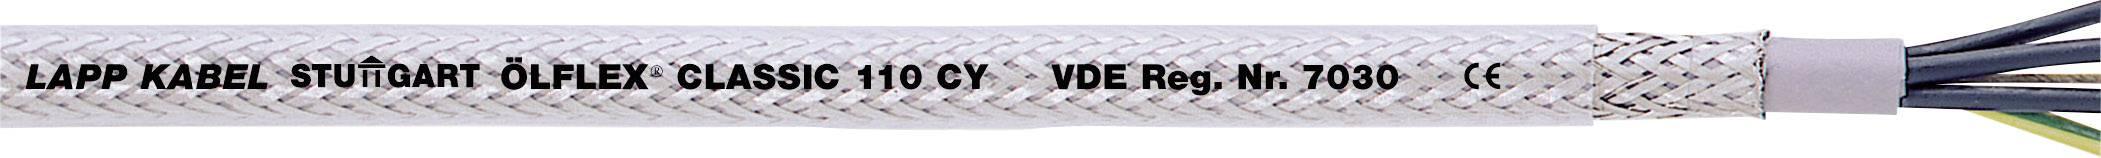 Riadiaci kábel LappKabel ÖLFLEX® CLASSIC 110 CY 1135403, 3 G 2.50 mm², vonkajší Ø 10.30 mm, 500 V, metrový tovar, priehľadná